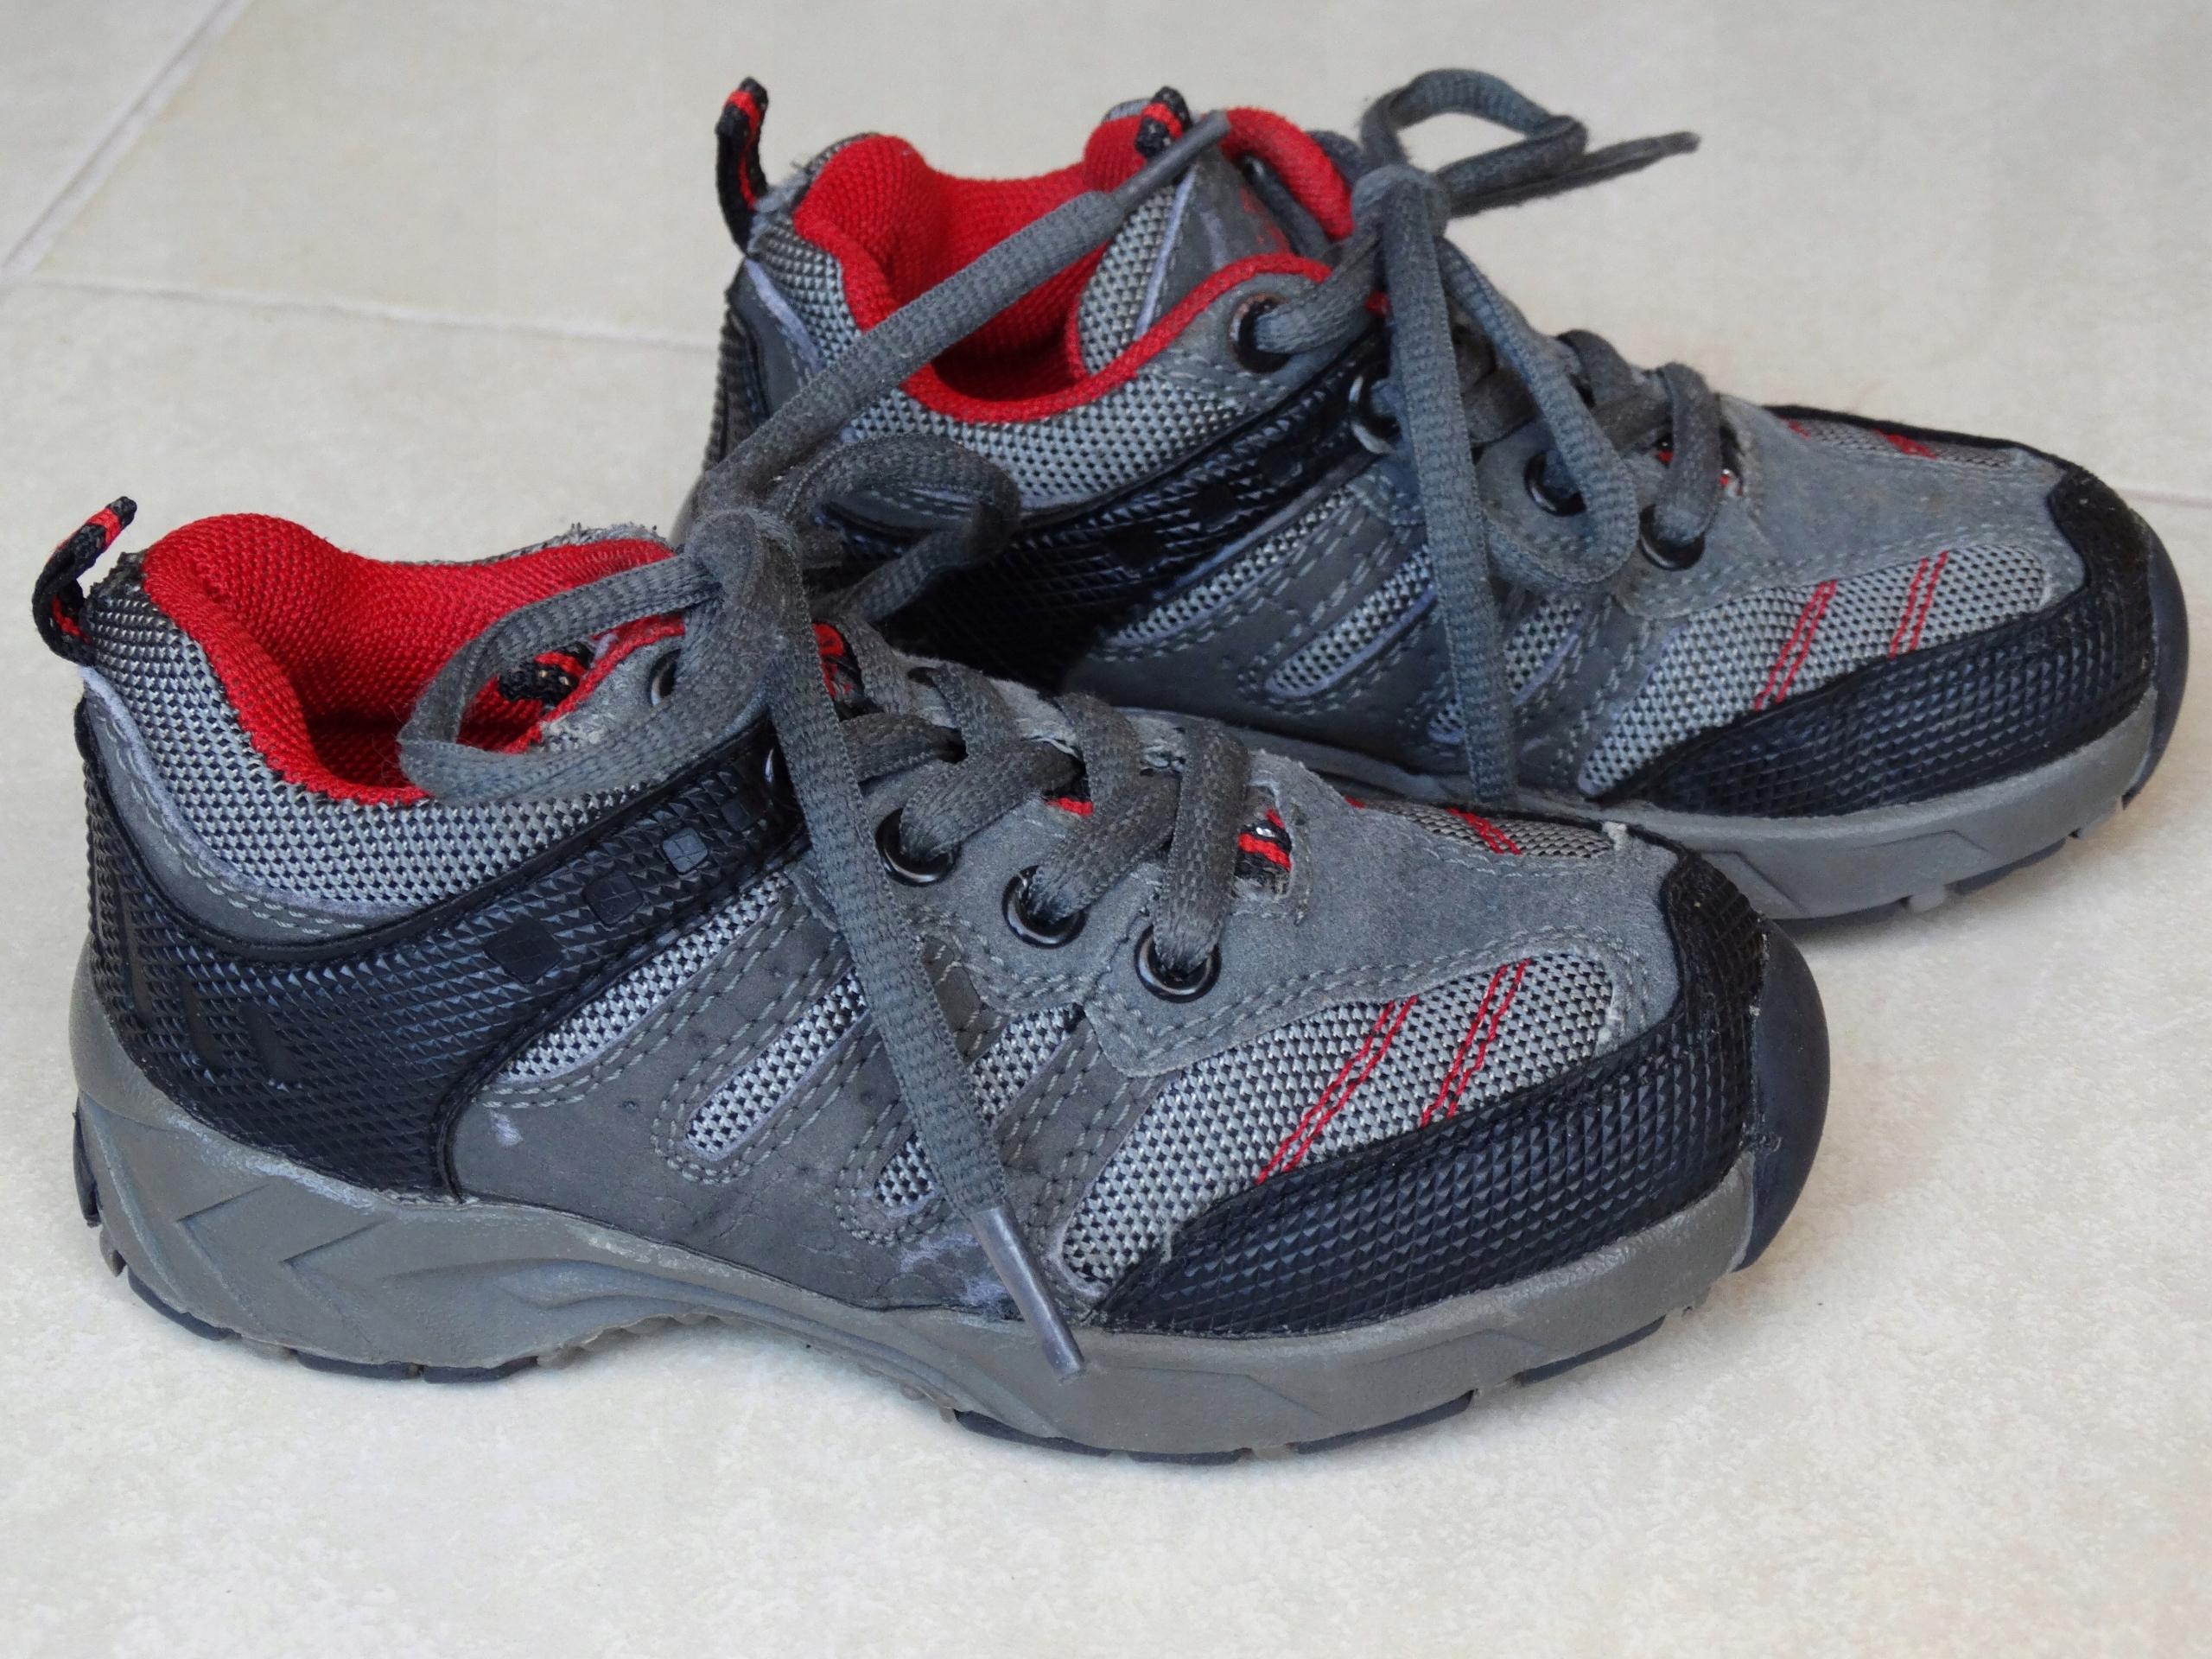 Buty sportowe dla chłopca roz 25